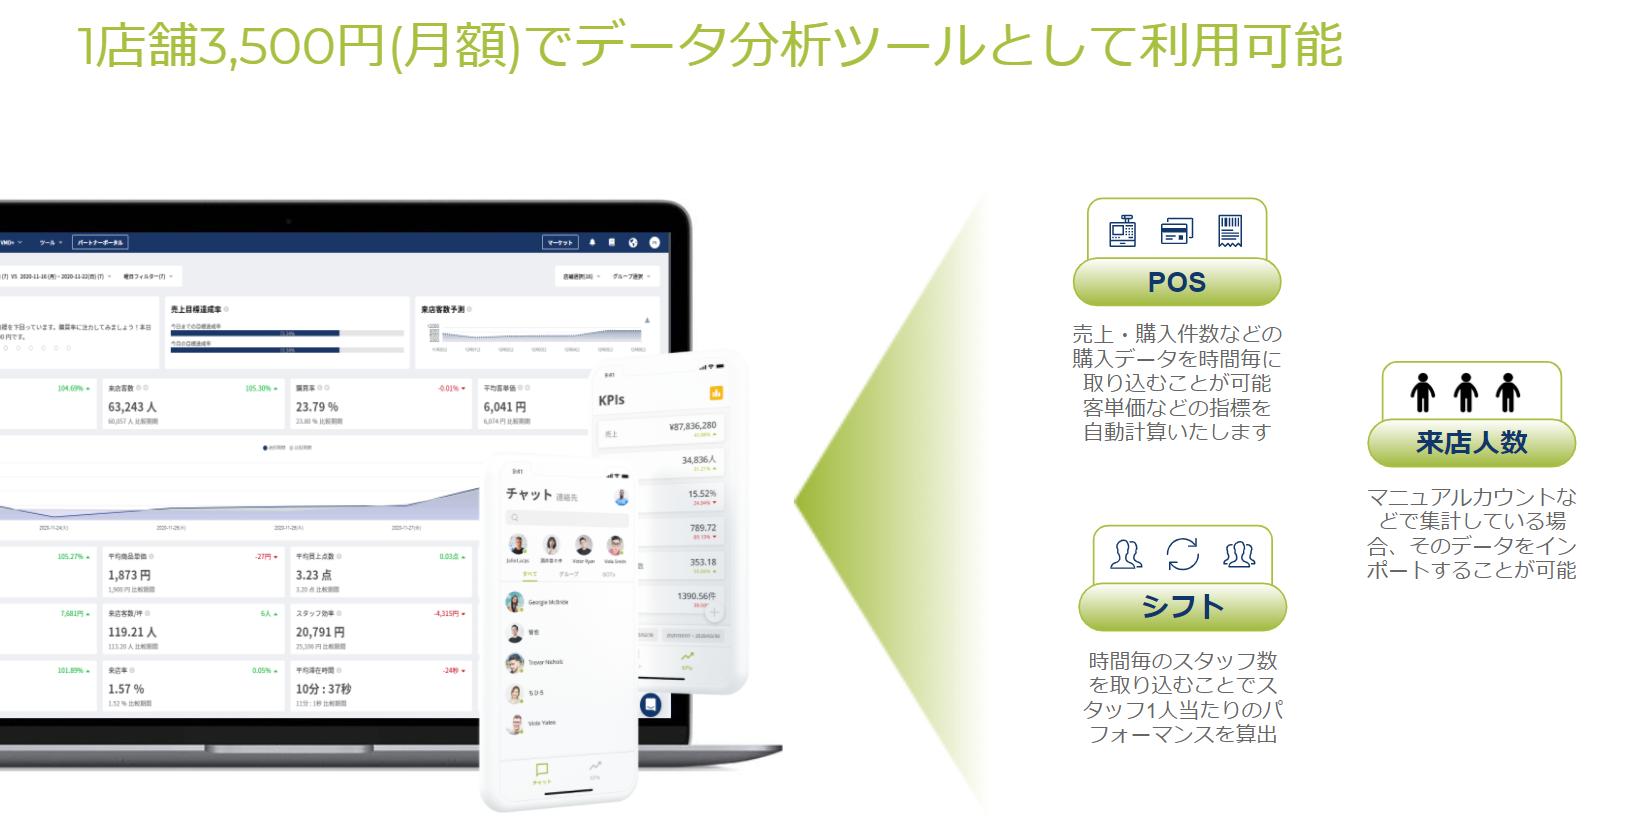 売上UP、最適な店舗運営を実現する分析プラットフォーム!1店舗月額3,500円~